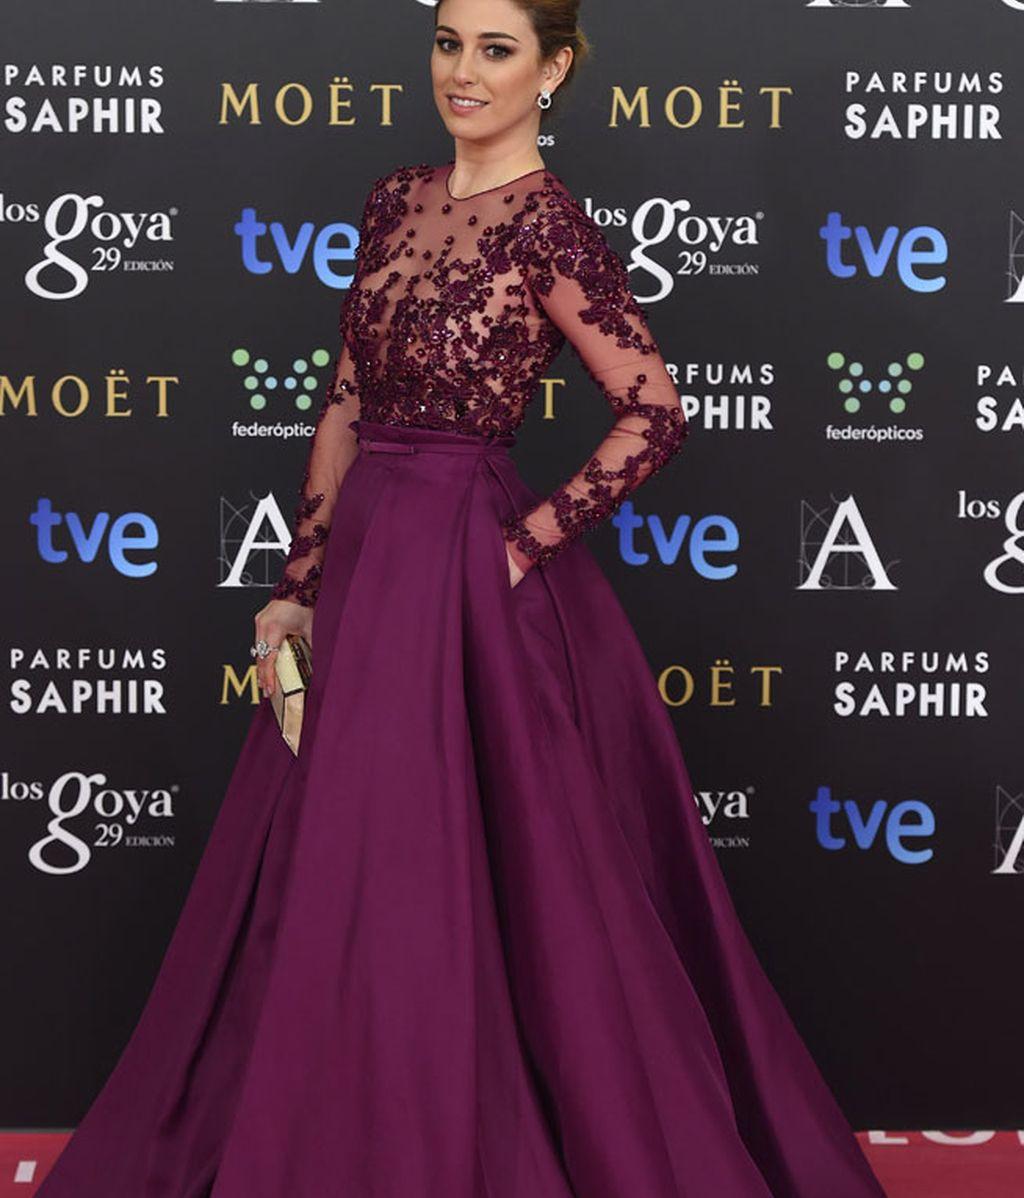 Blanca Suarez con vestido de Zuhair Murad y zapatos de Aquazurra